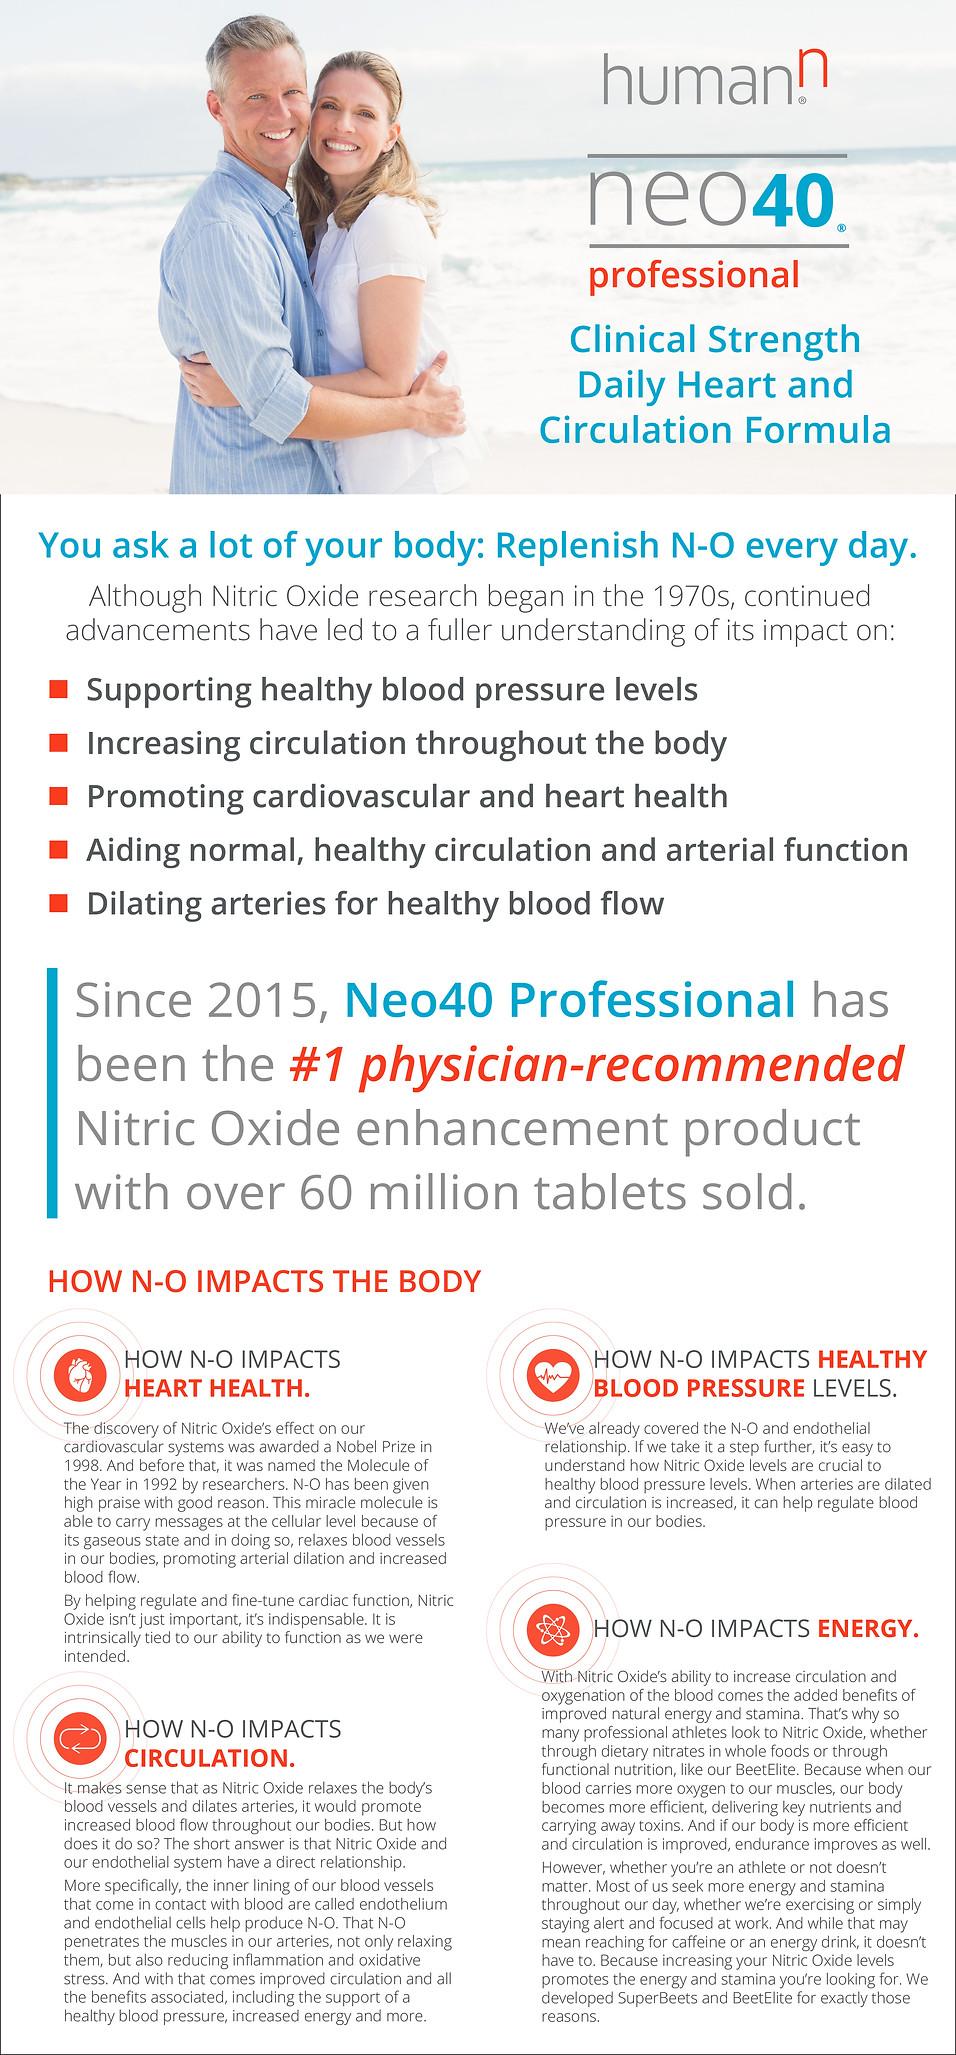 Neo40Pro-Social-Media-Asset-Nelson-33.jp